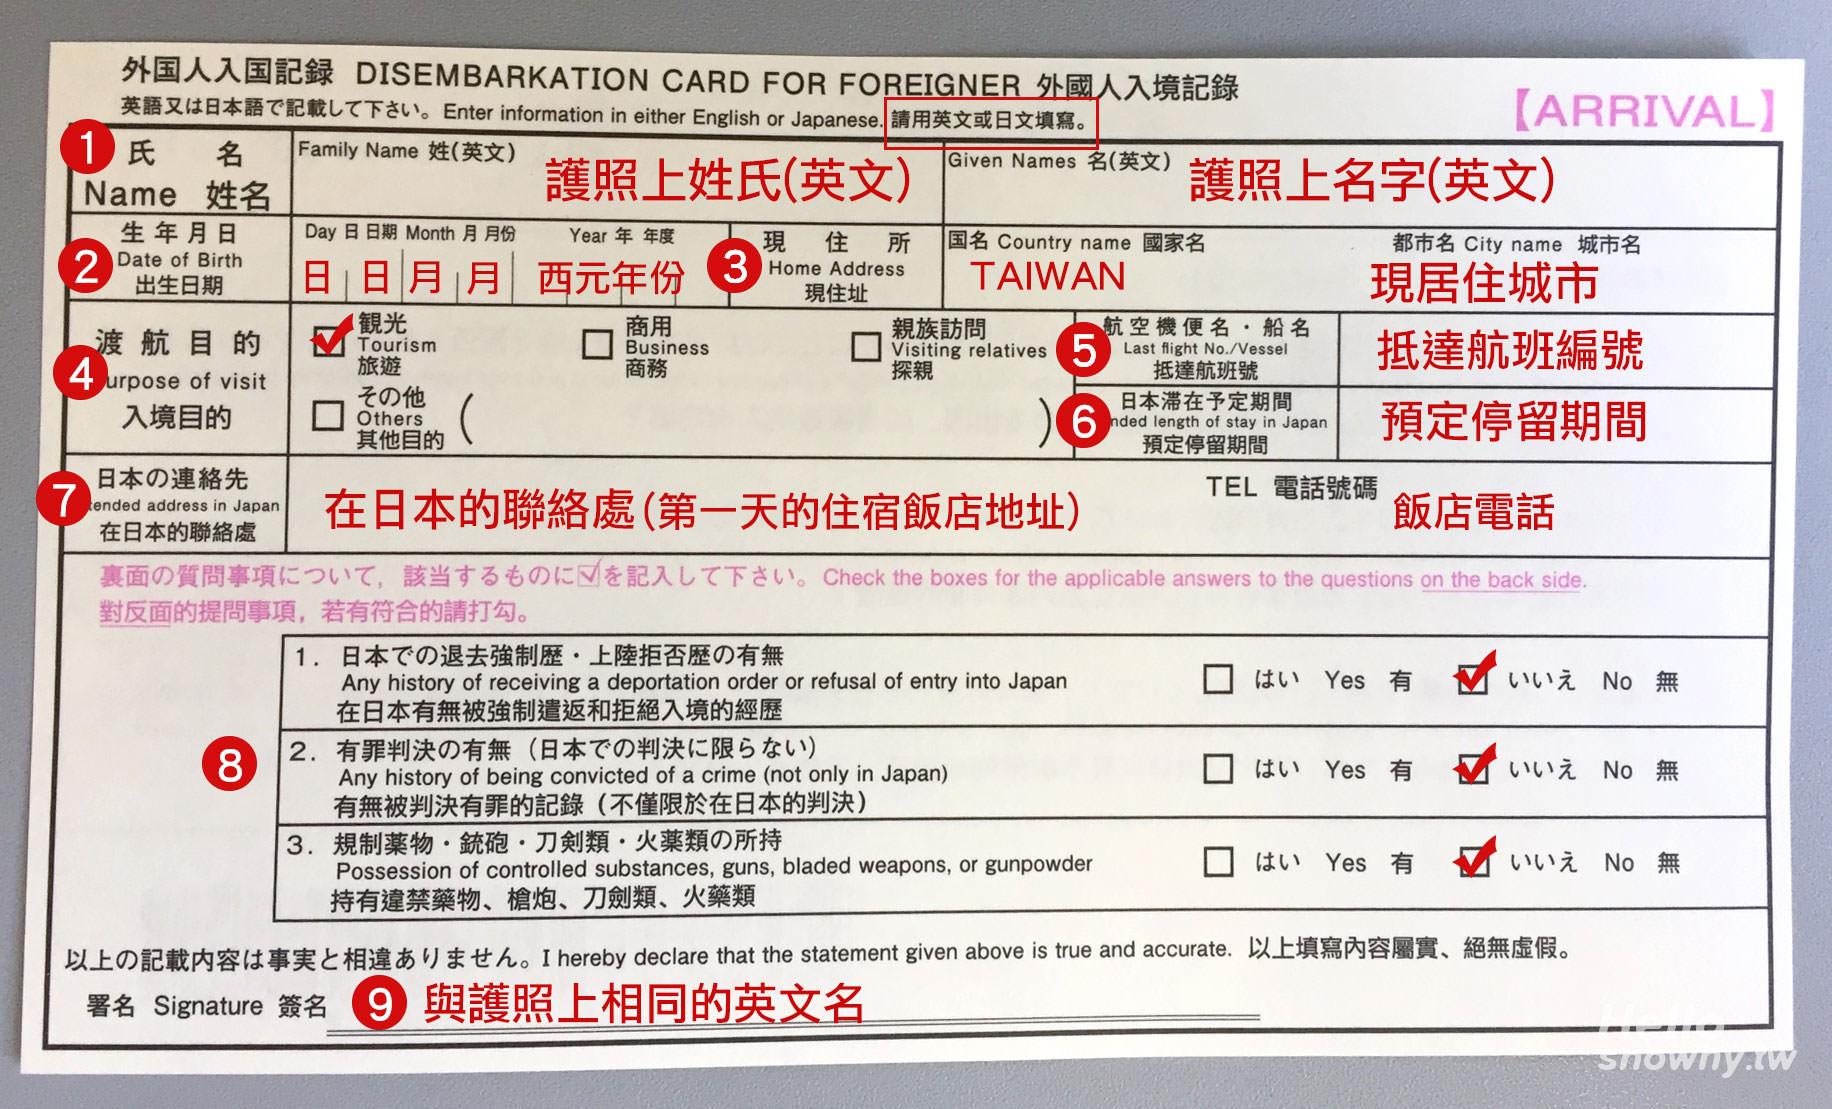 日旅必看 | 2020最新版日本入境卡怎麼寫?海關申告書填寫範例 入境日本